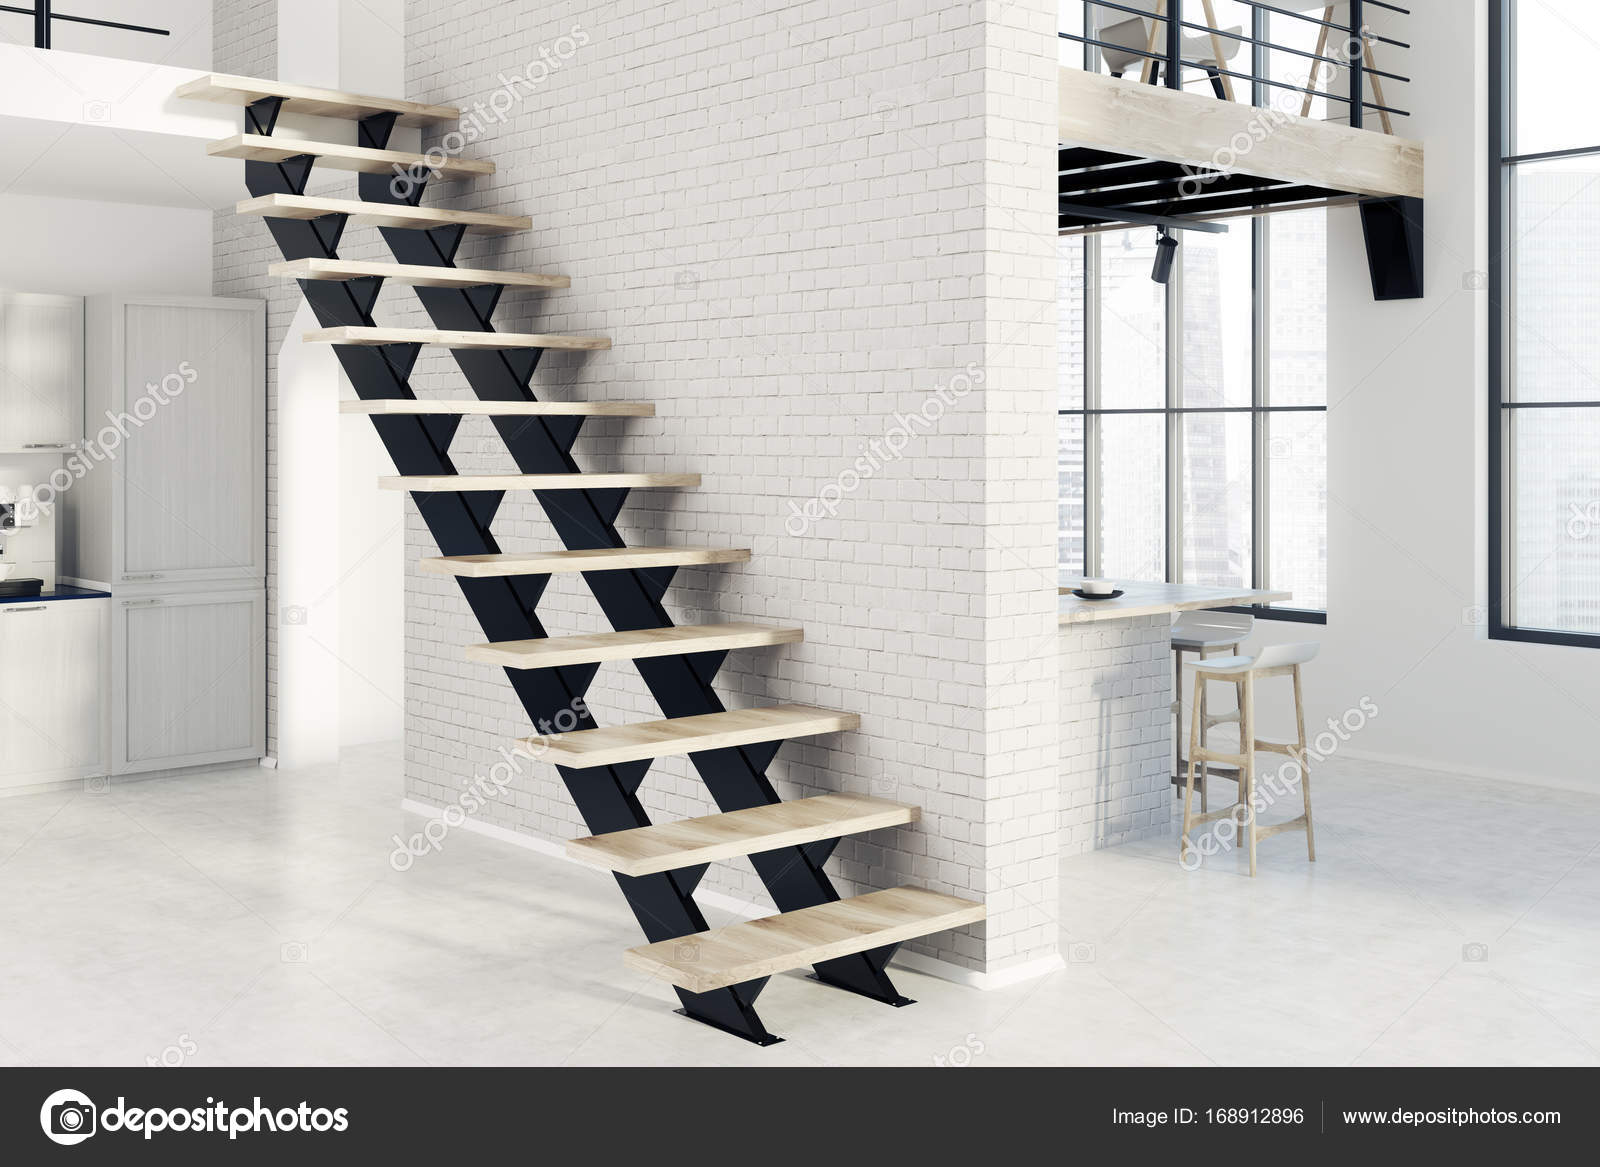 Escaliers en brique blanche cuisine, noir, vue latérale ...